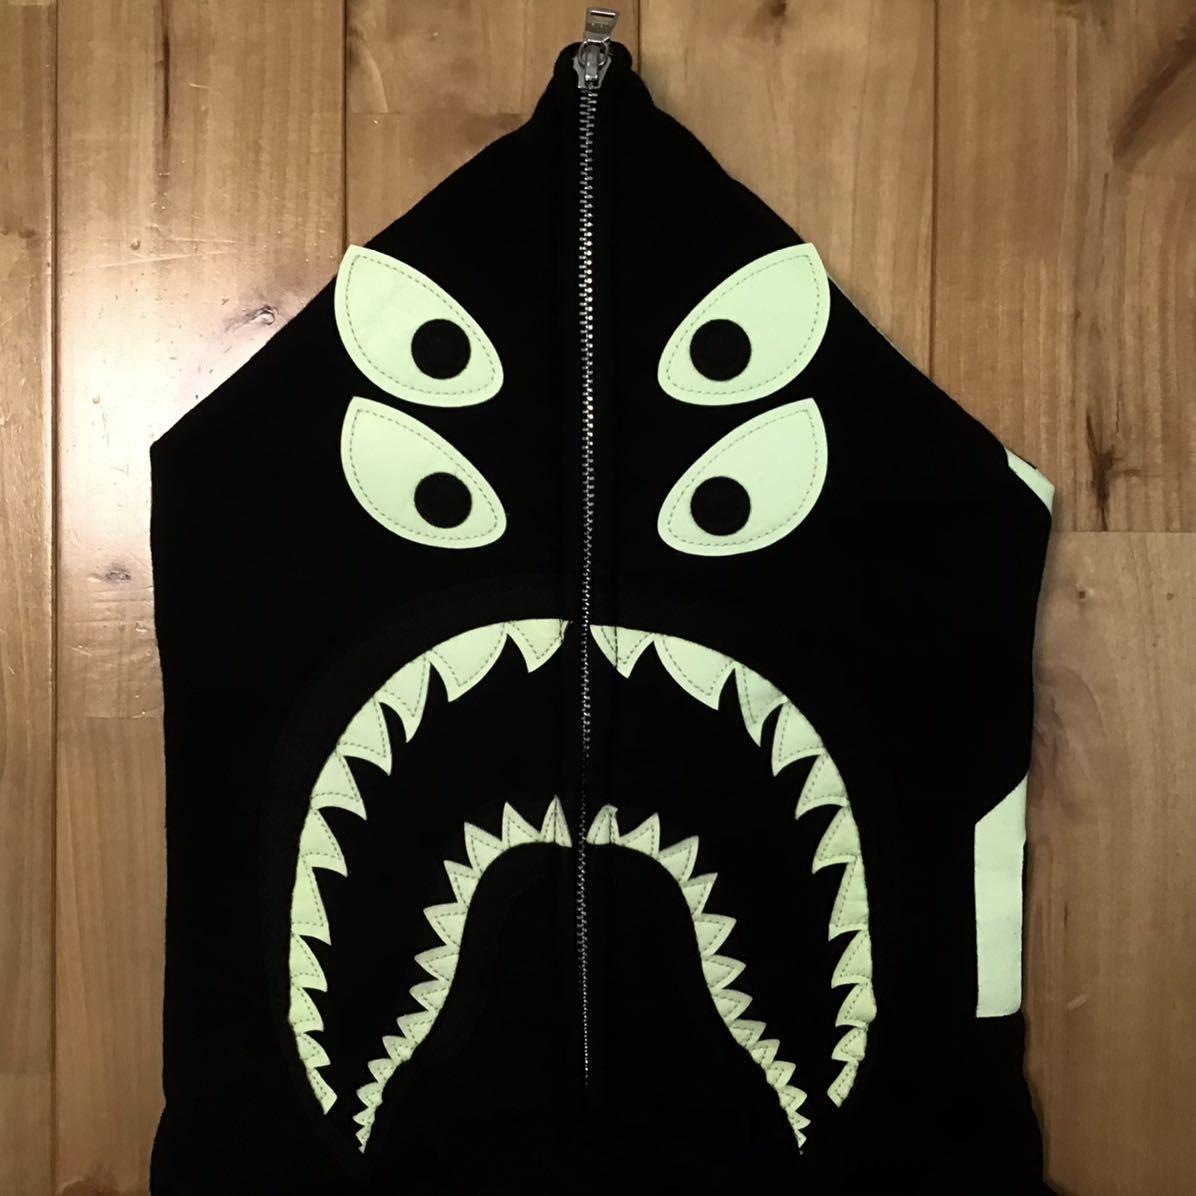 ★蓄光★ BOUNTY HUNTER BAPE mad shark full zip hoodie Lサイズ シャーク パーカー a bathing ape バウンティハンター エイプ ベイプ 9s